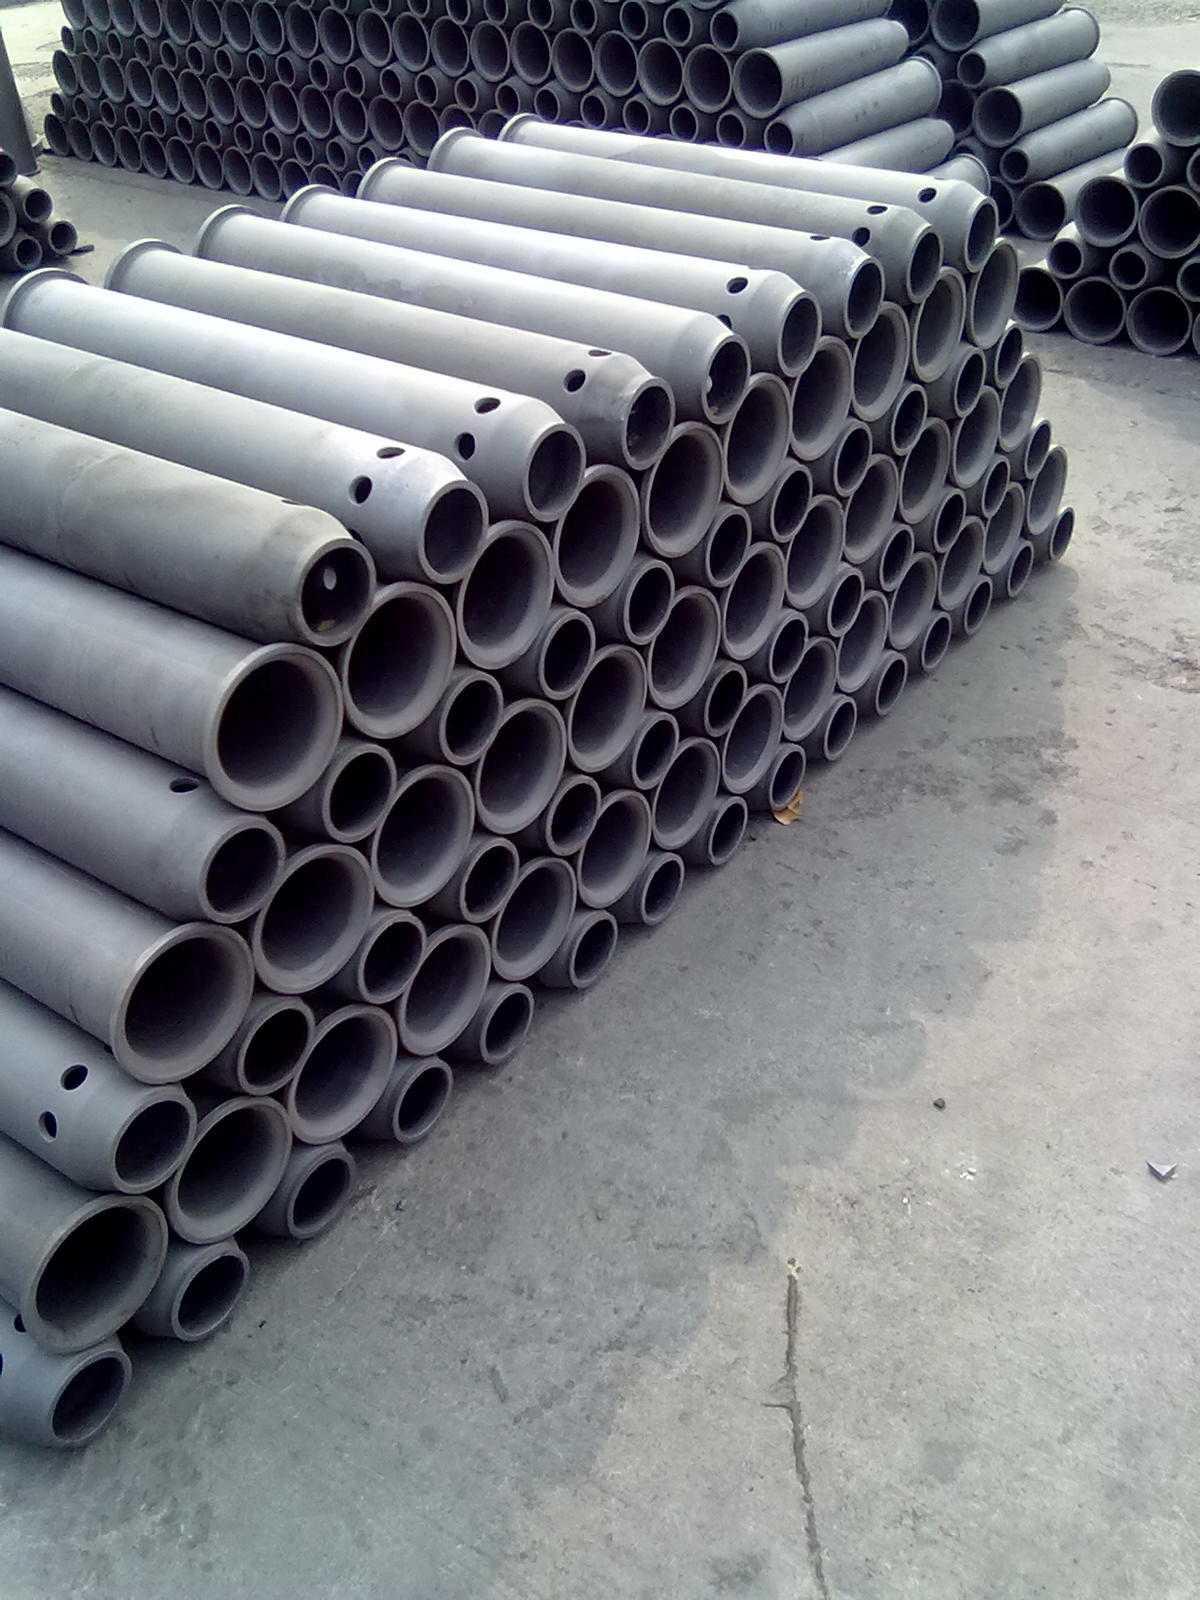 辽宁碳化硅辐射管碳化硅烧嘴套生产厂家,碳化硅喷火嘴